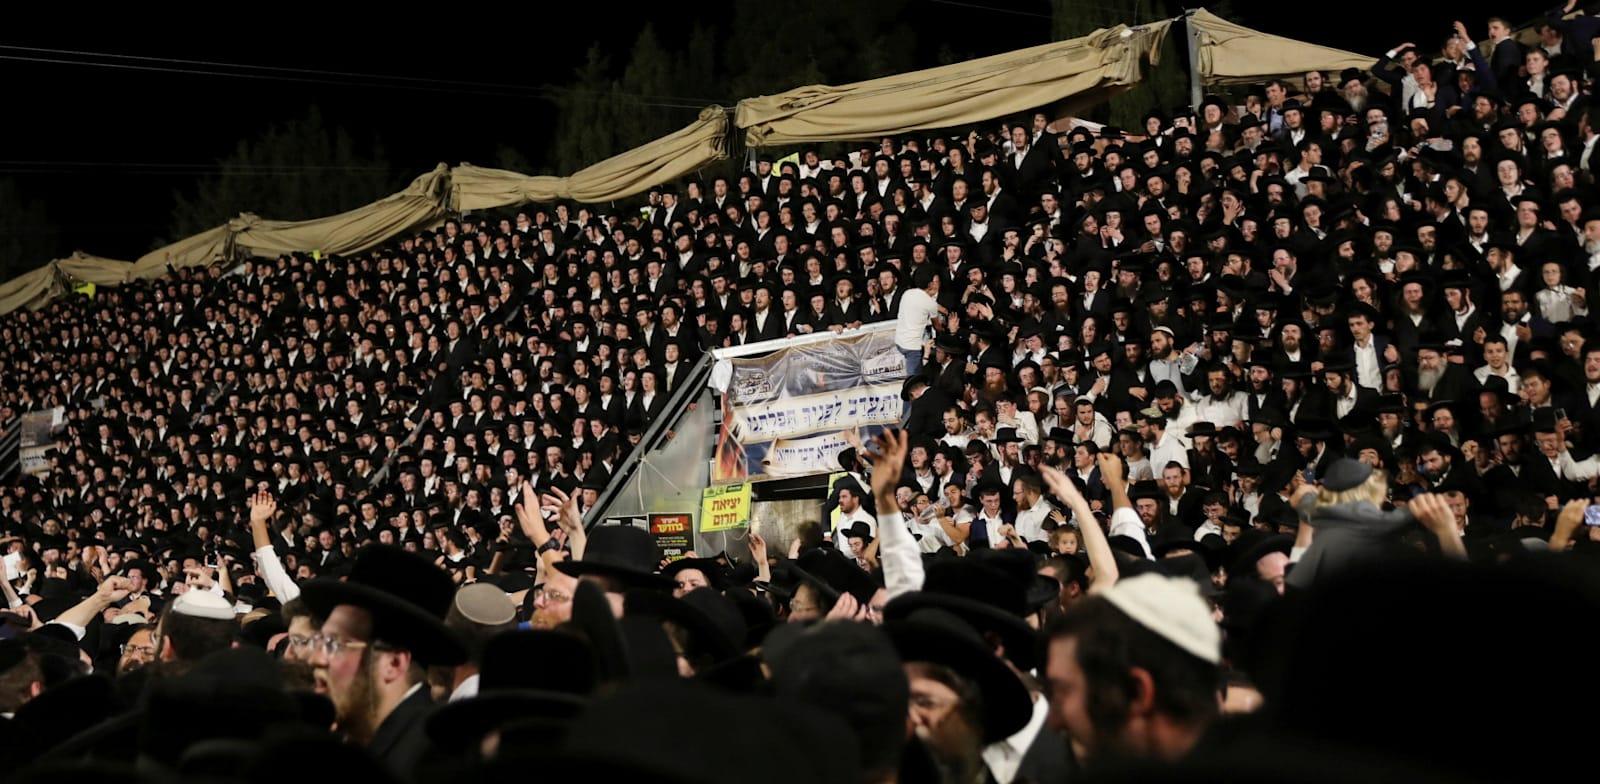 האירוע בהר מירון / צילום: Reuters